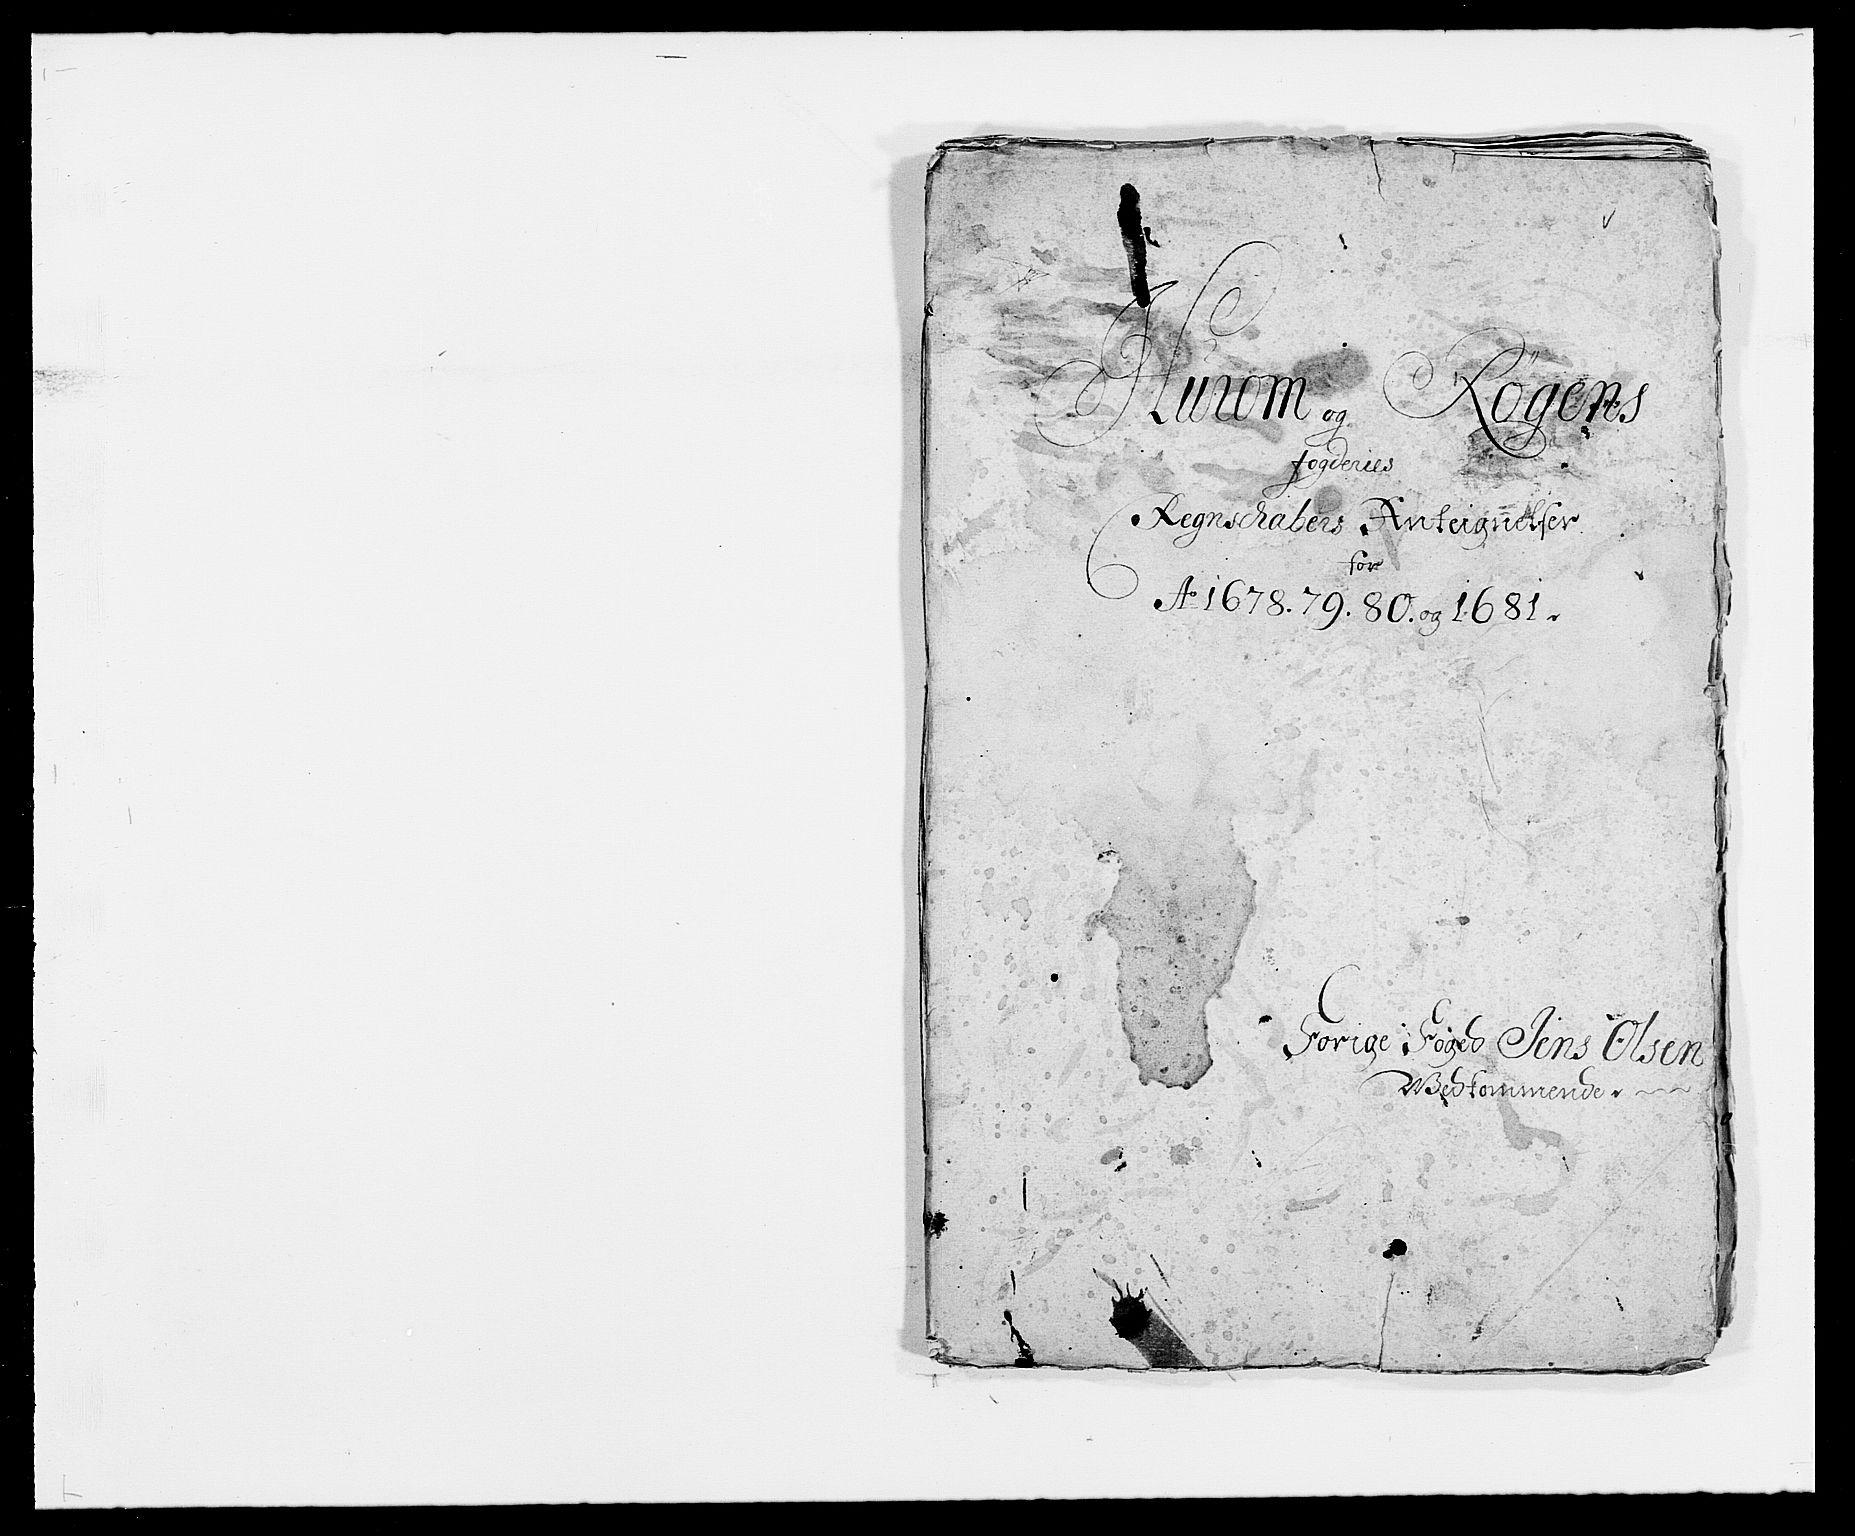 RA, Rentekammeret inntil 1814, Reviderte regnskaper, Fogderegnskap, R29/L1691: Fogderegnskap Hurum og Røyken, 1678-1681, s. 435